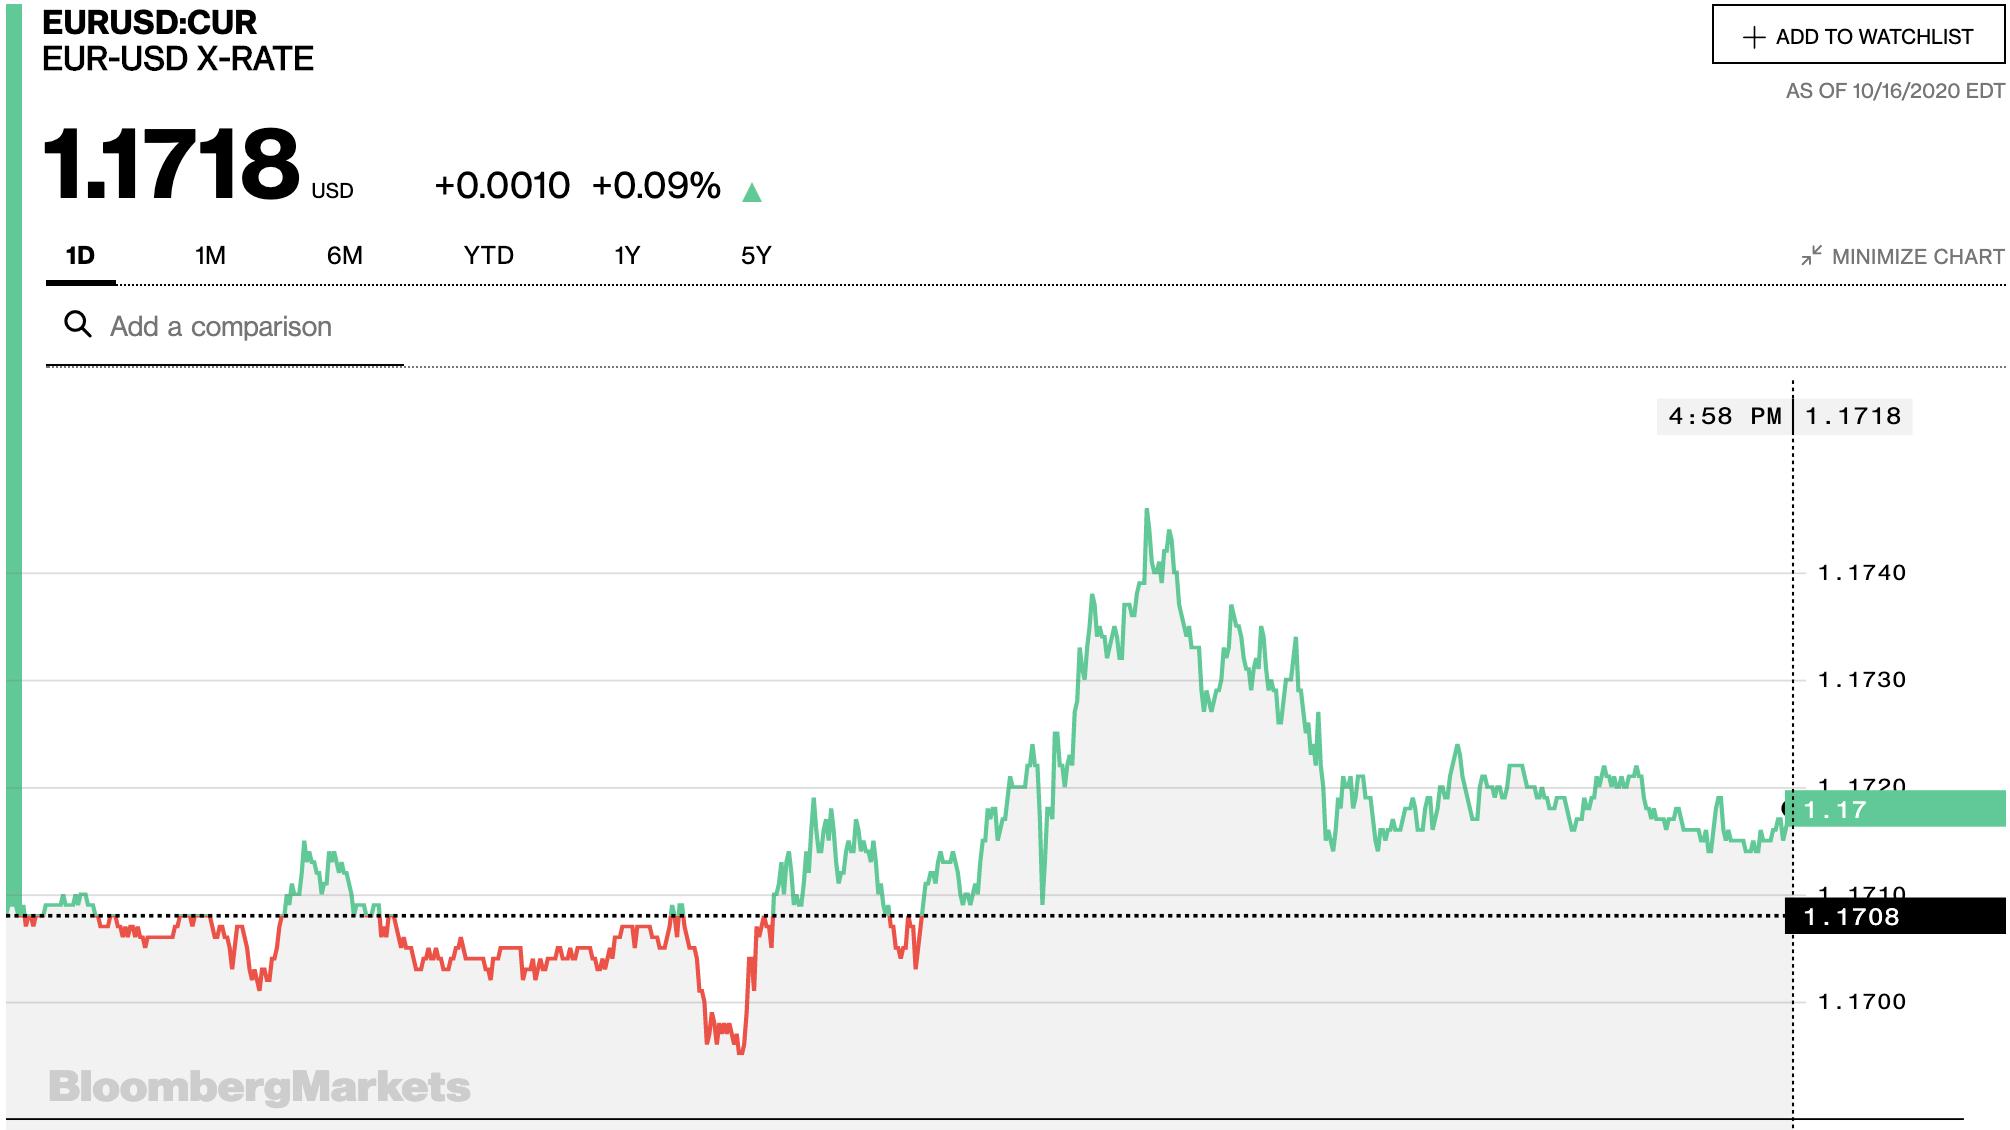 Tỷ giá euro hôm nay 17/10: Xu hướng giảm chiếm ưu thế tại các ngân hàng - Ảnh 2.